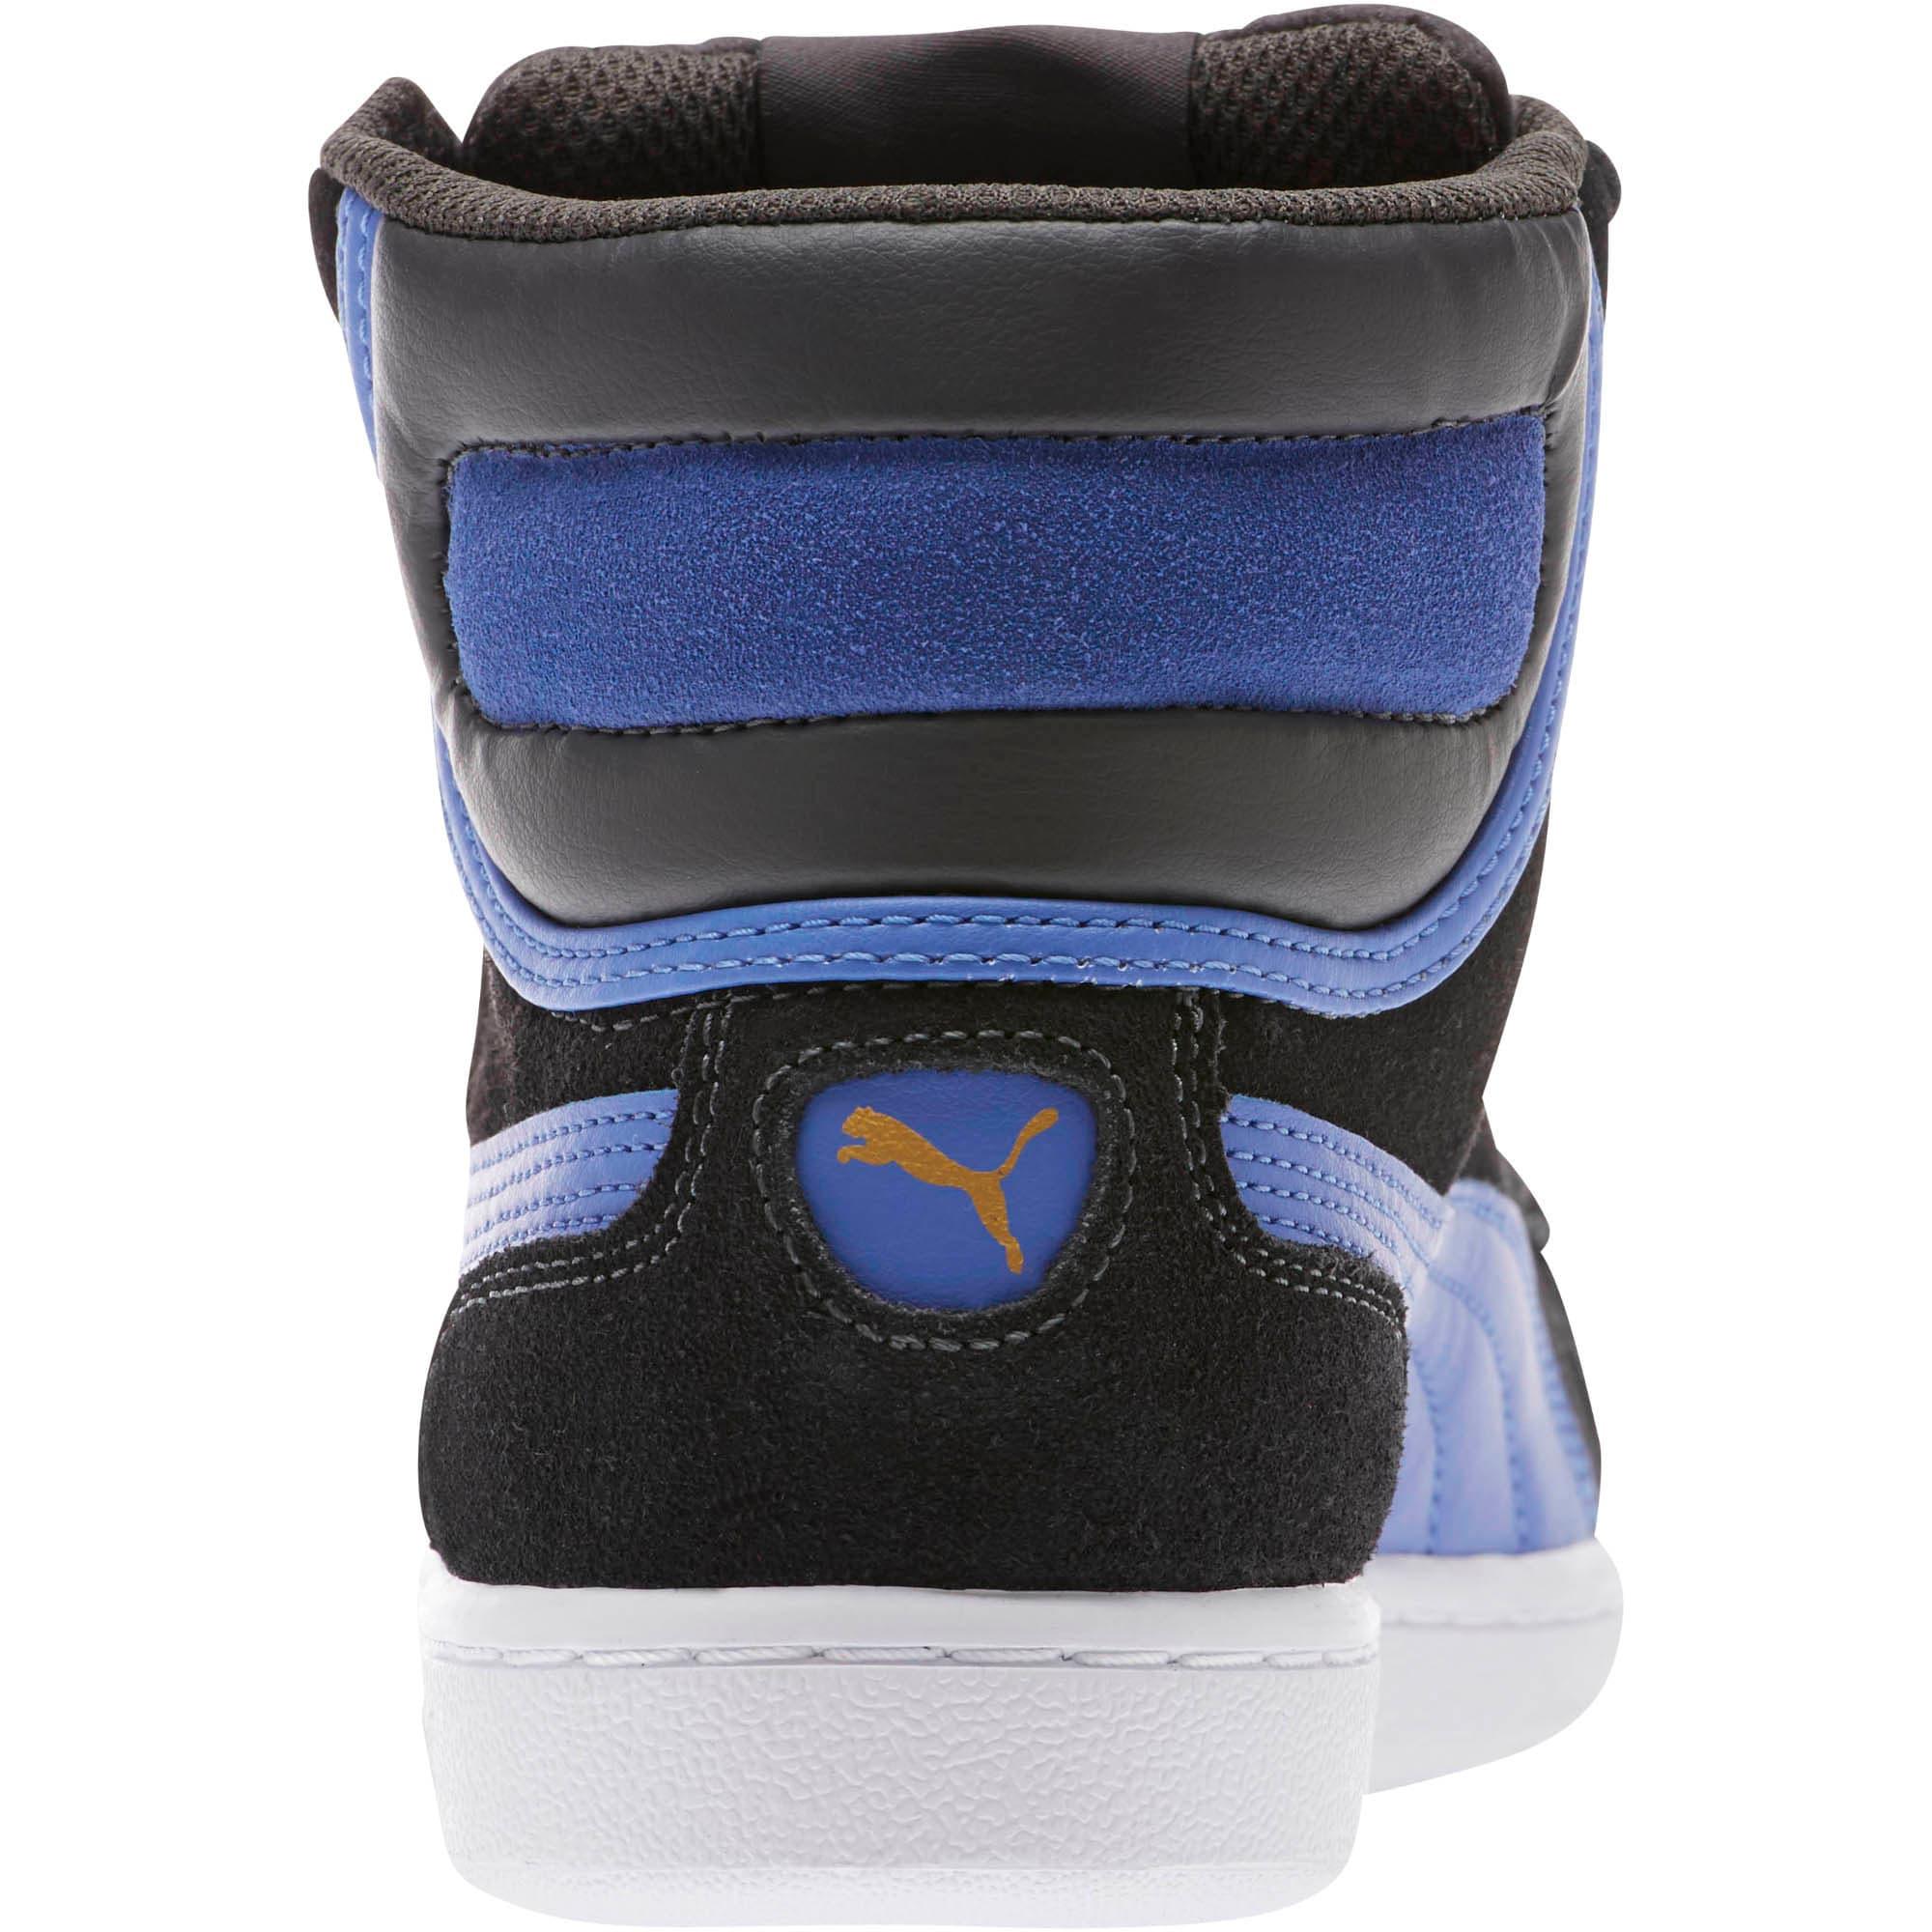 Thumbnail 4 of Vikky Mid Women's High Top Sneakers, Asphalt-Baja Blue, medium